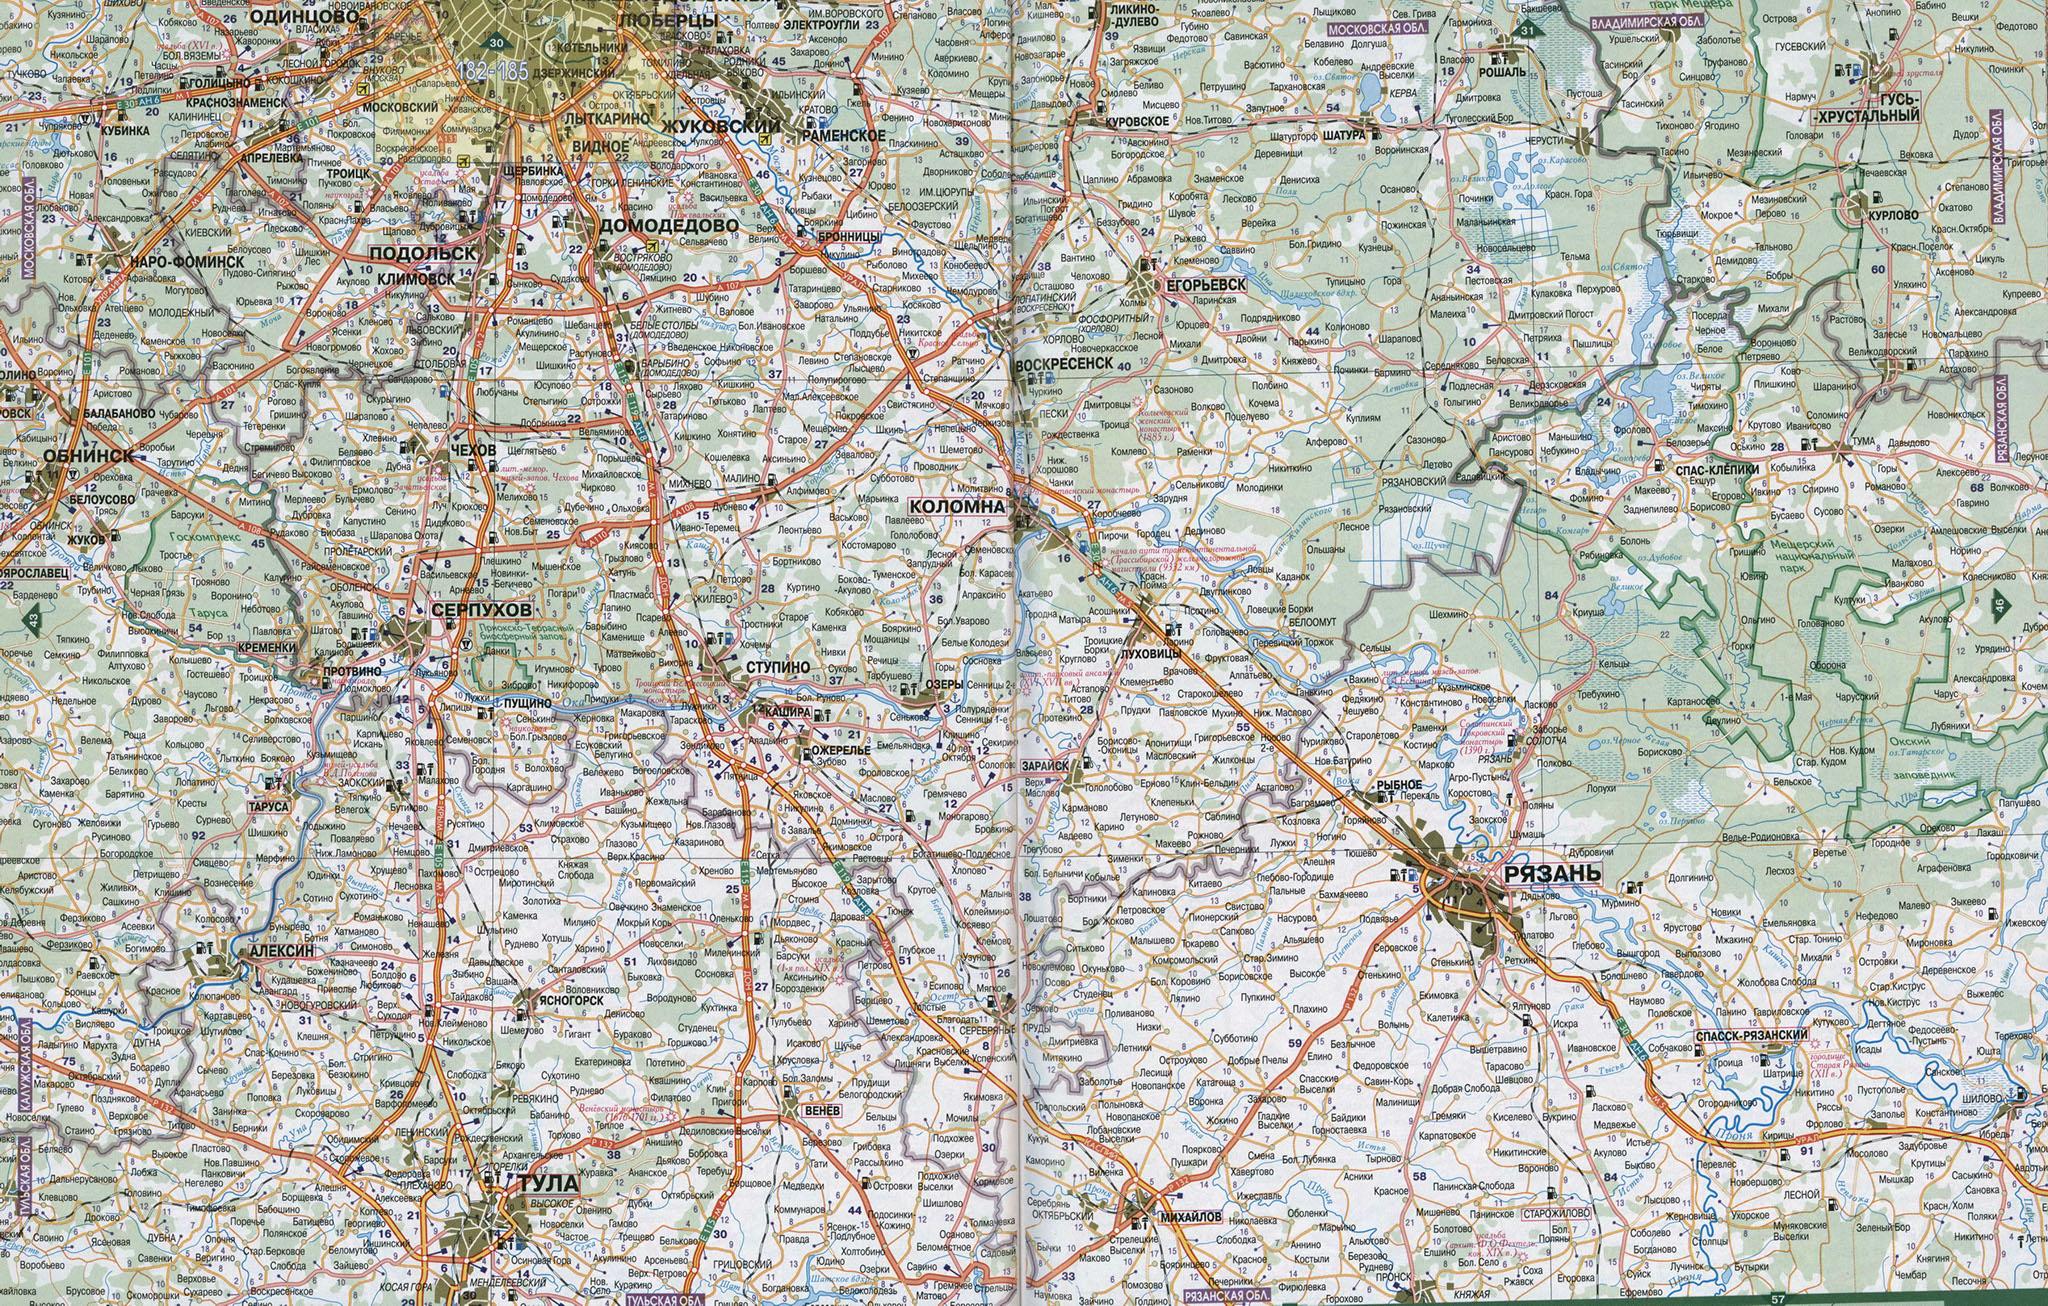 Карта гороховецкого района владимирской области buildersburden.